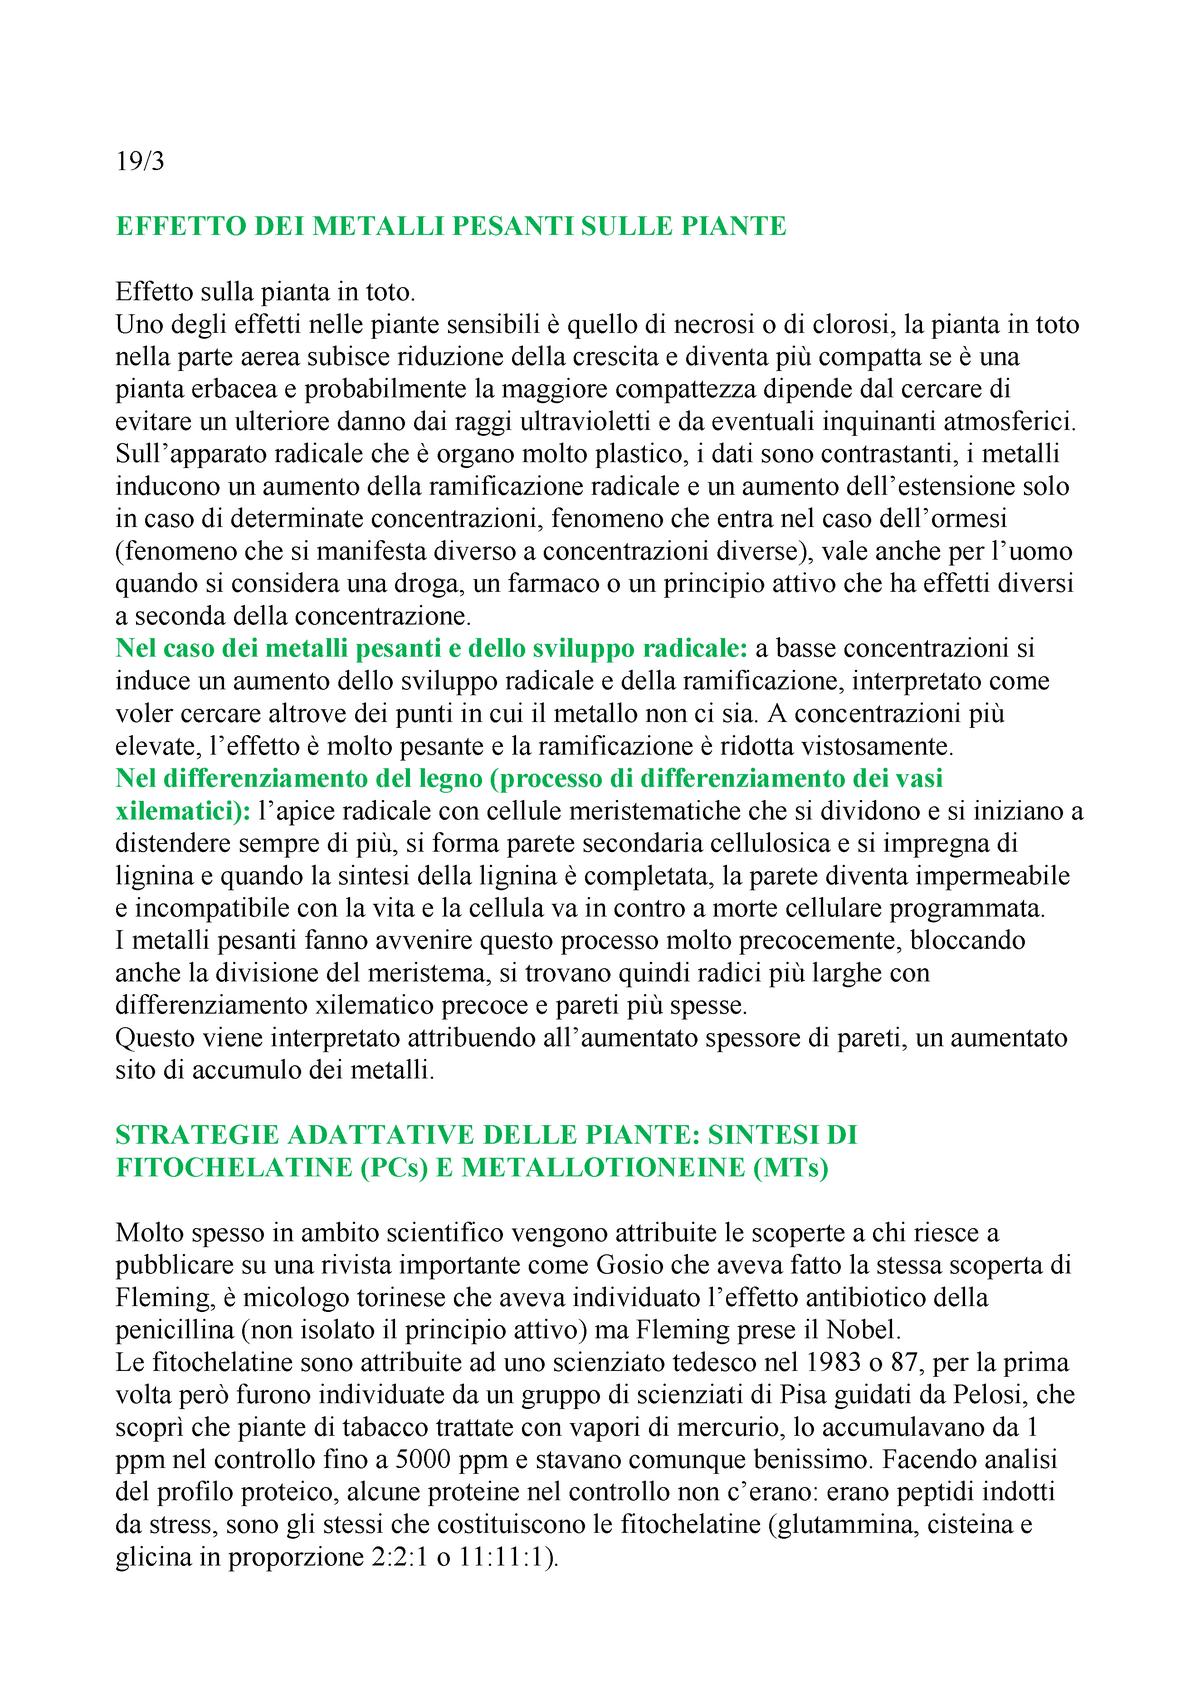 6572899c2f12 Copy of Lezione 3 - 19%2F03%2F18 CON Ultimi DATI - S1577: Botanica Generale  - StuDocu